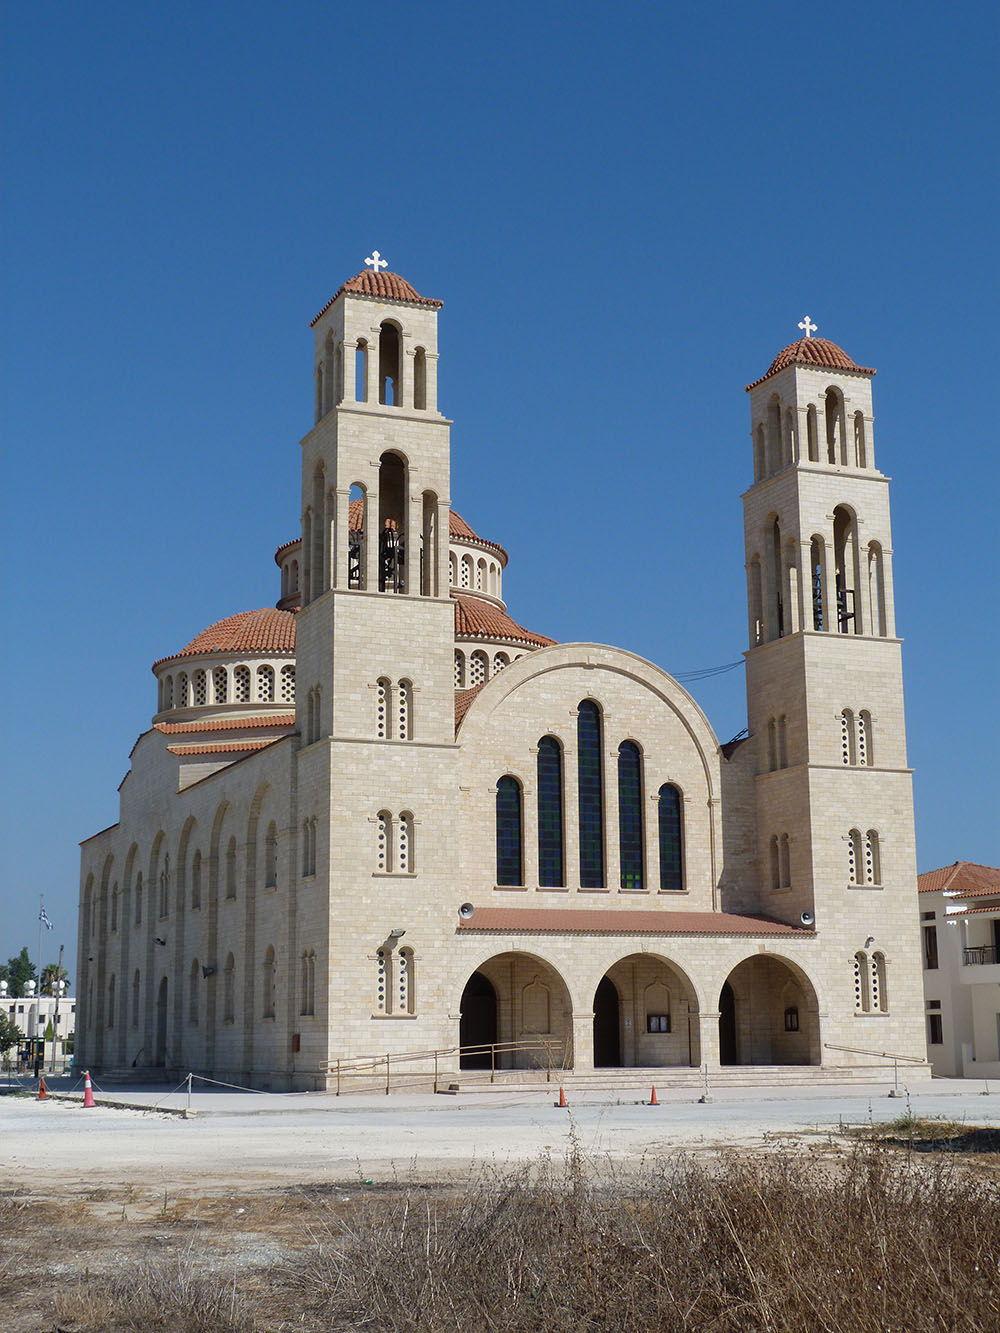 Agioi Anargyroi église Paphos, Chypre